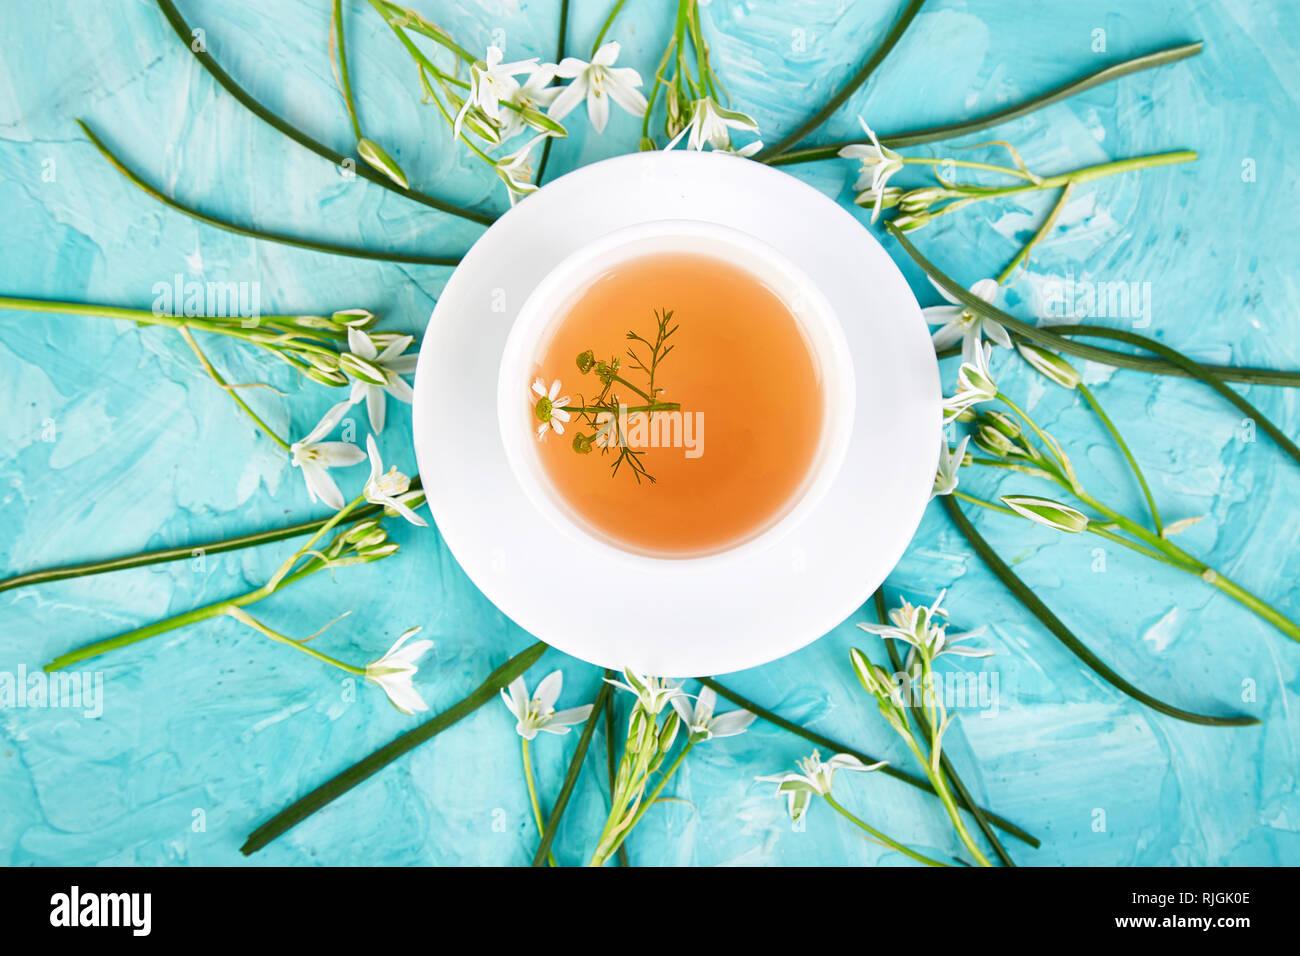 Blume Um Tasse Kamillentee Auf Blauem Hintergrund Guten Morgen